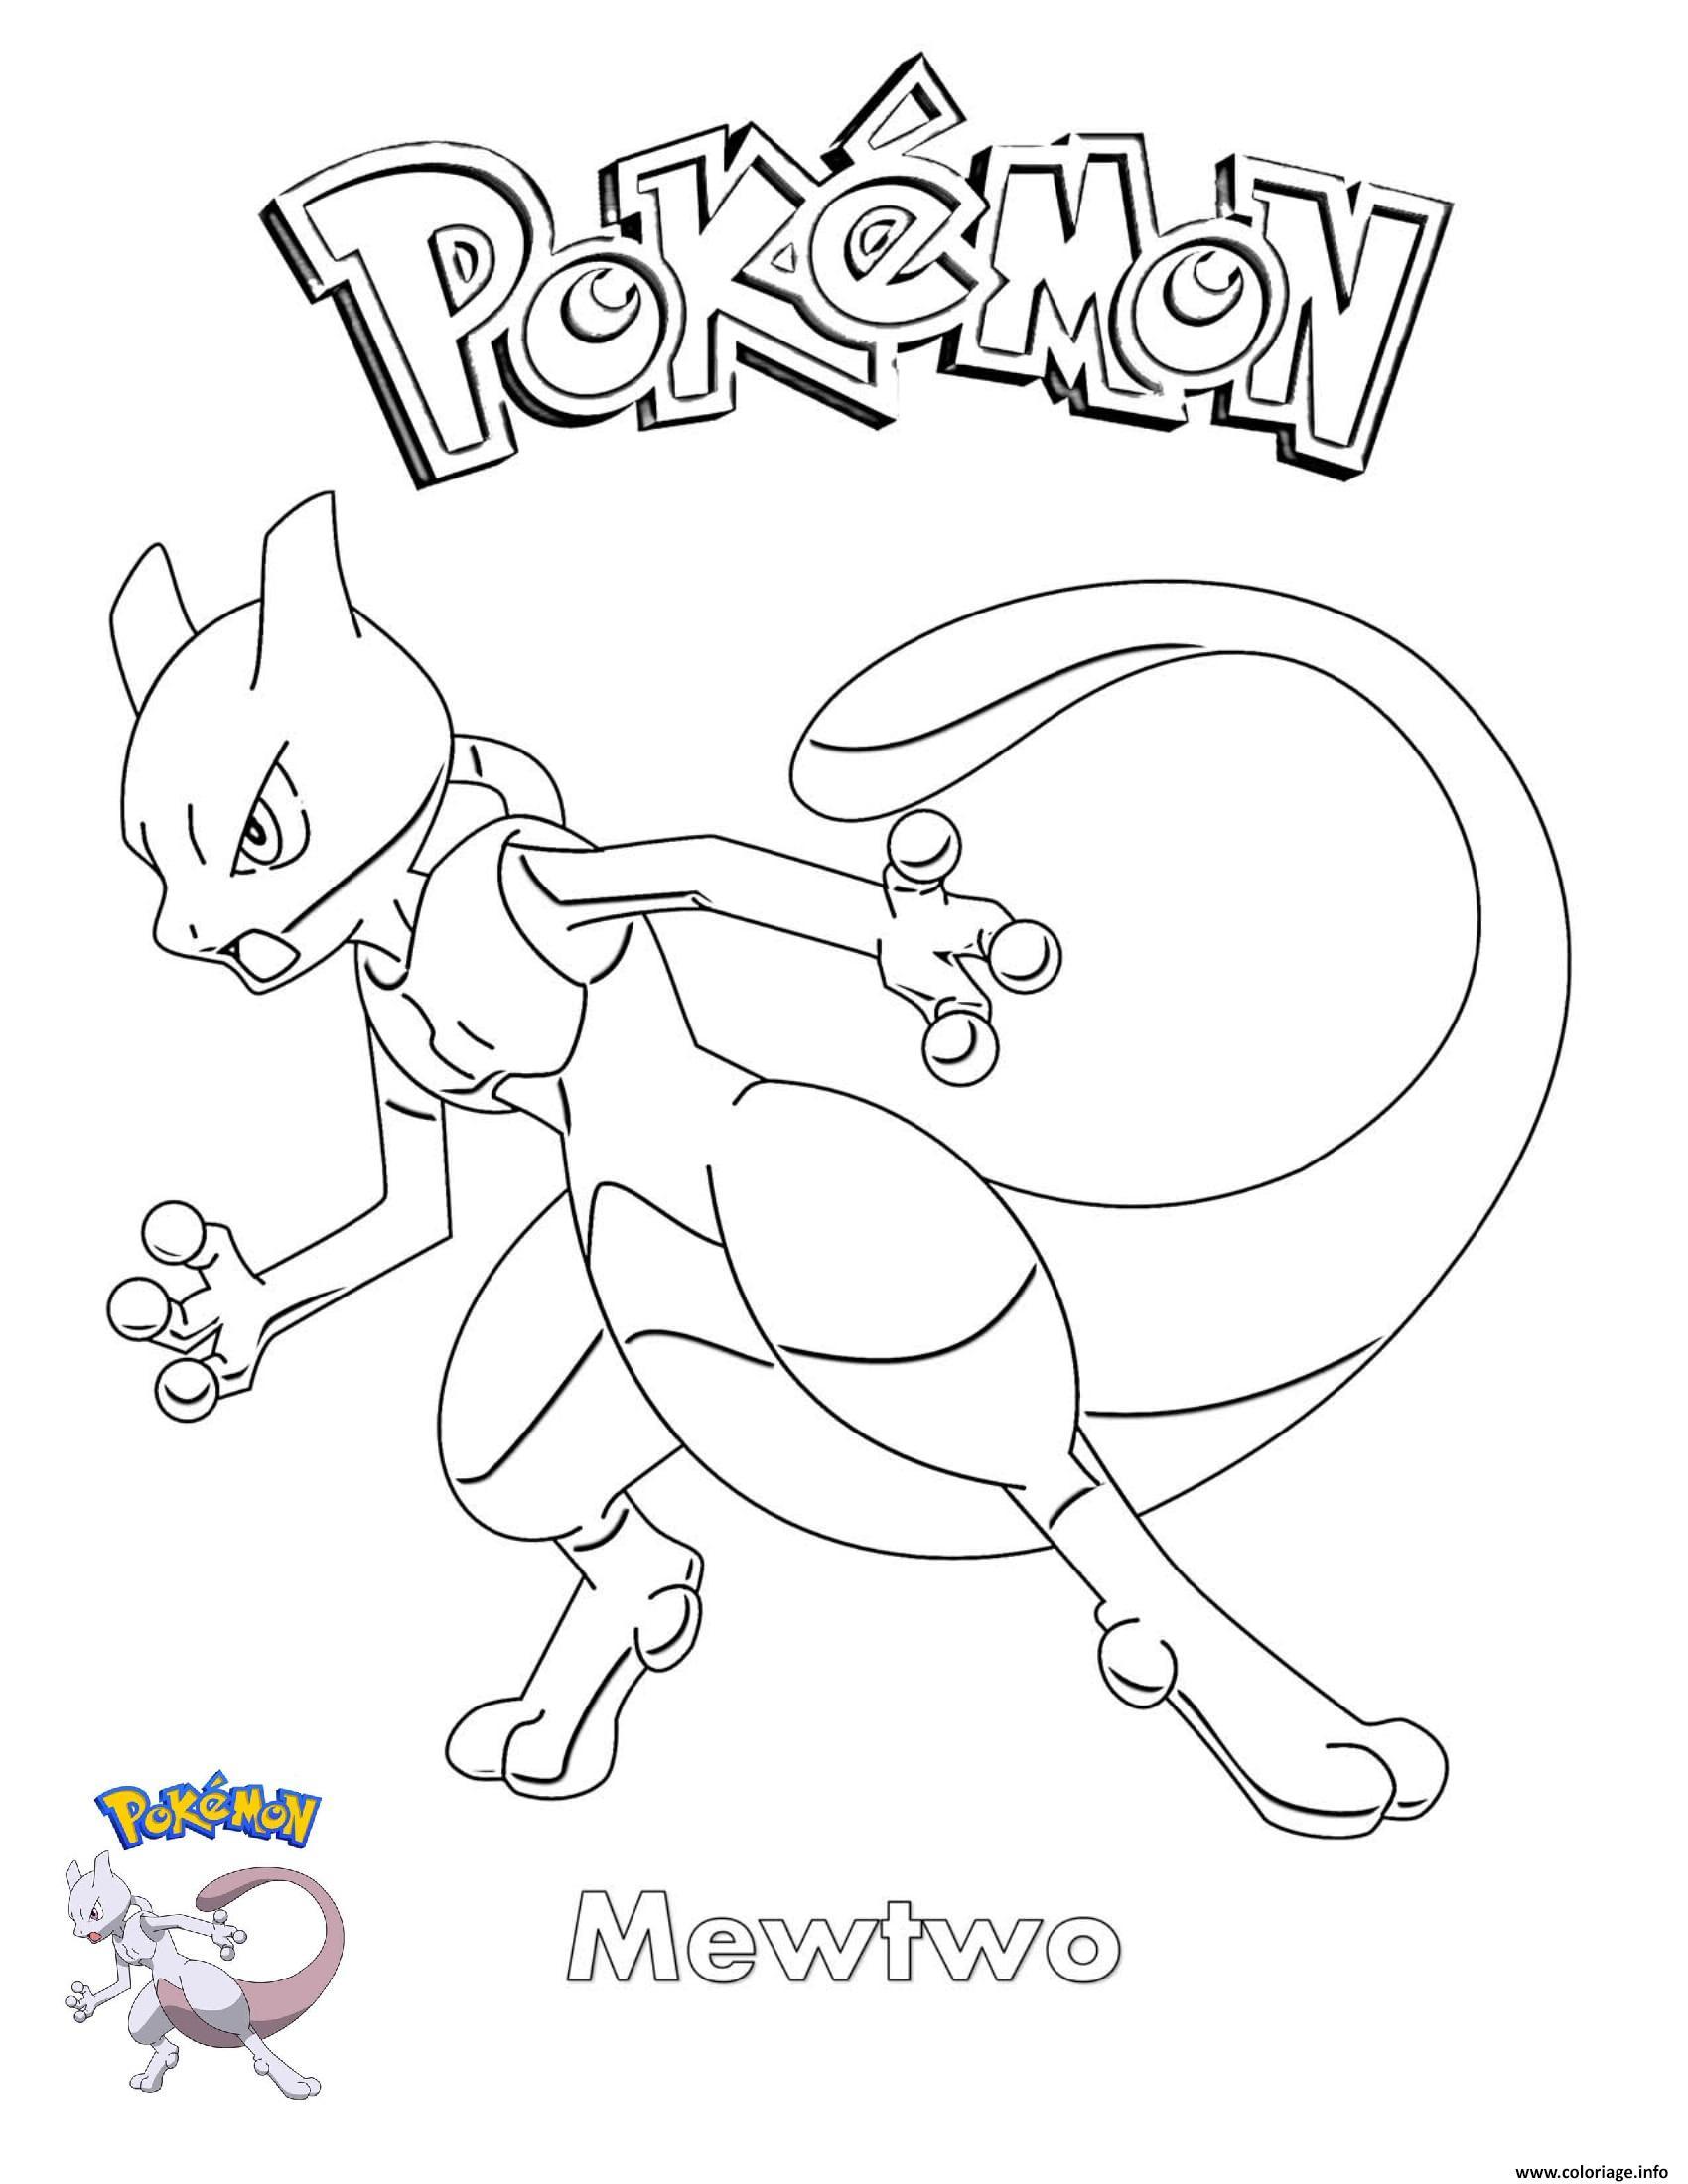 Dessin Mewtwo Pokemon Coloriage Gratuit à Imprimer